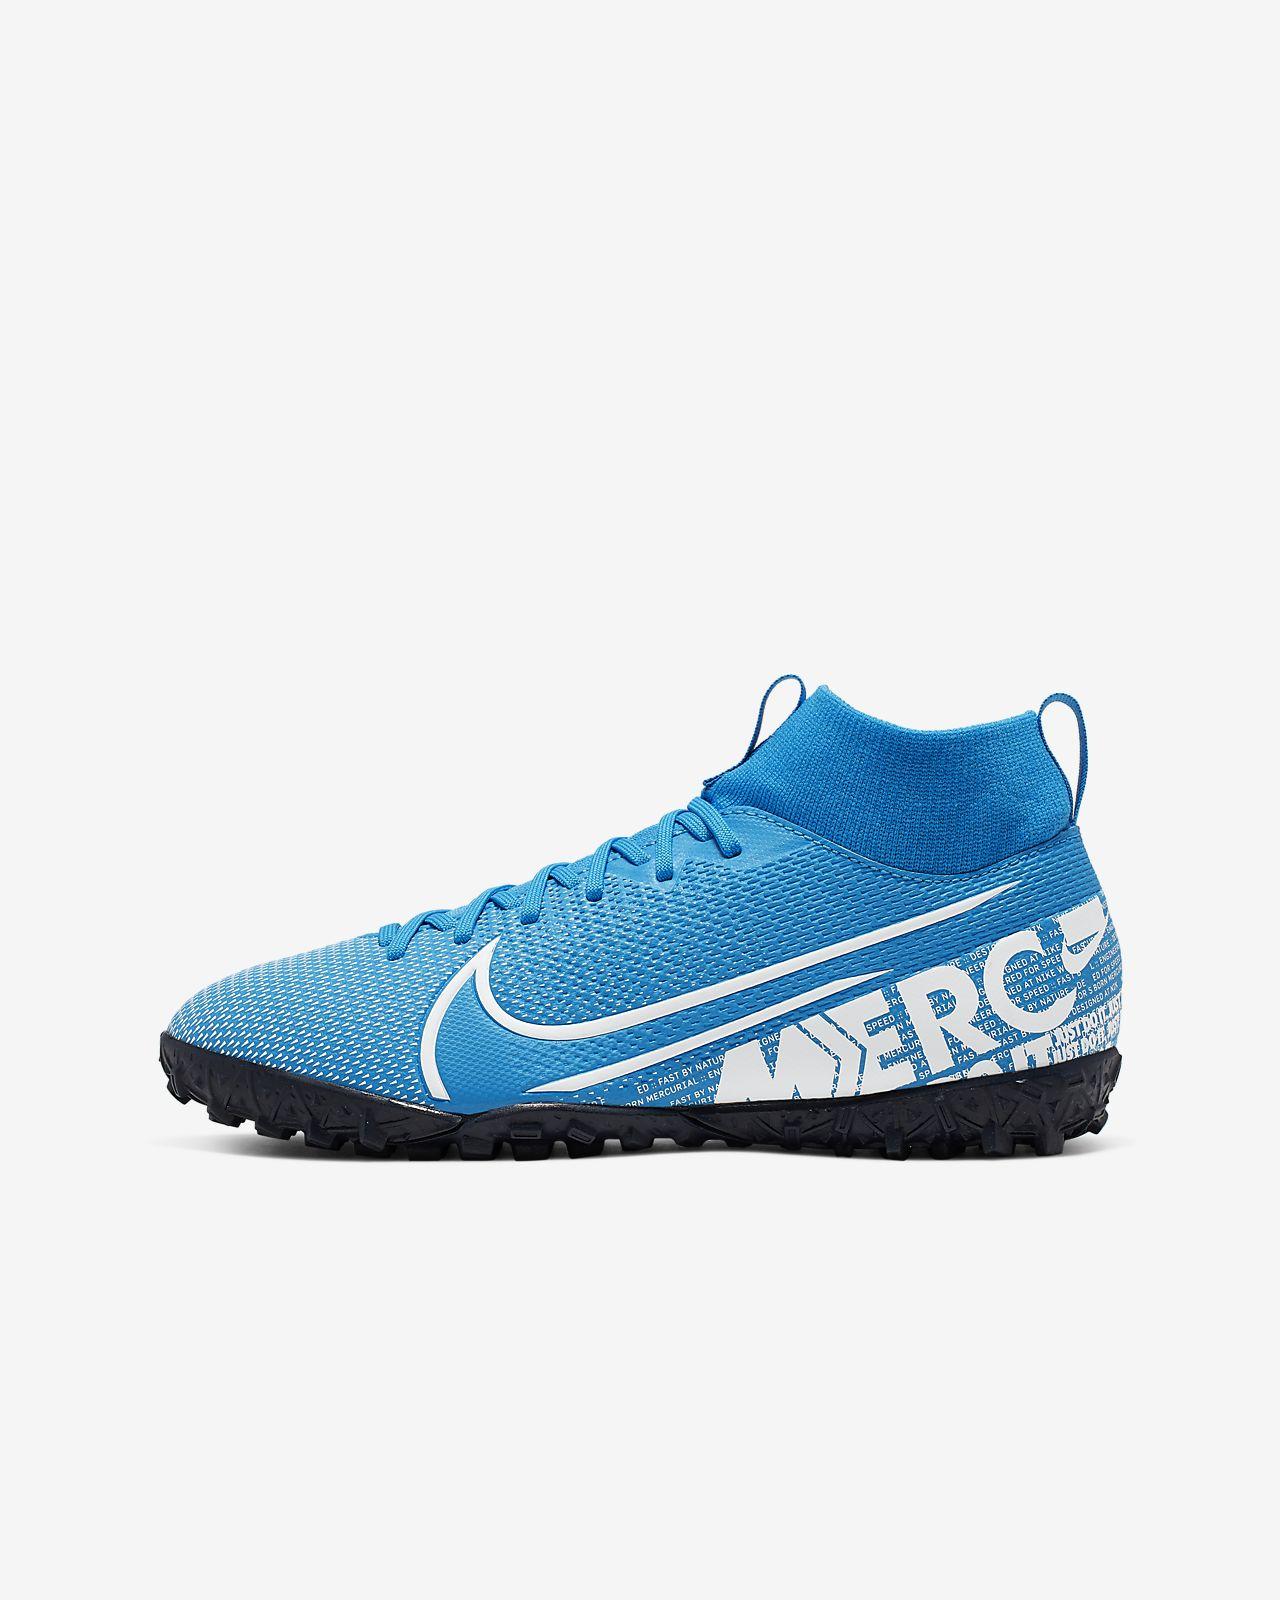 Buty piłkarskie na sztuczną nawierzchnię typu turf dla małych/dużych dzieci Nike Jr. Mercurial Superfly 7 Academy TF